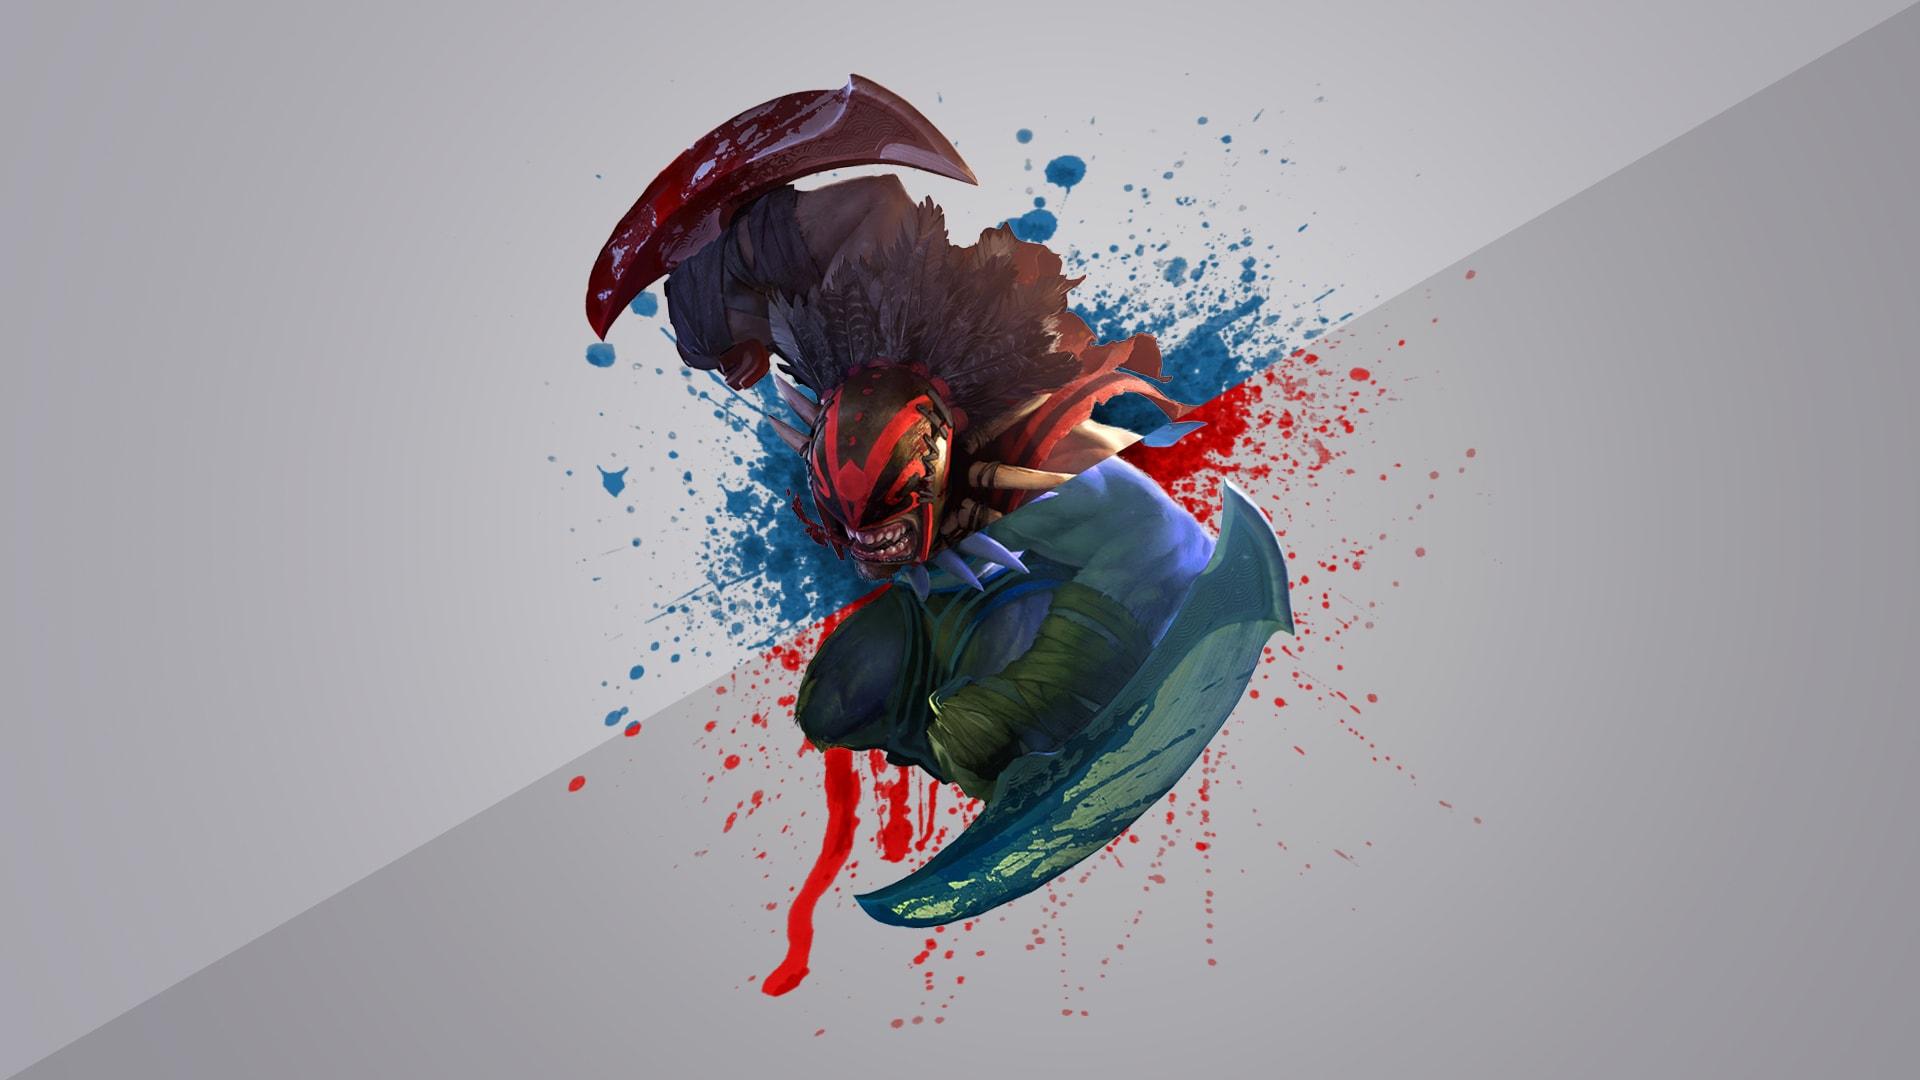 Dota2 : Bloodseeker High